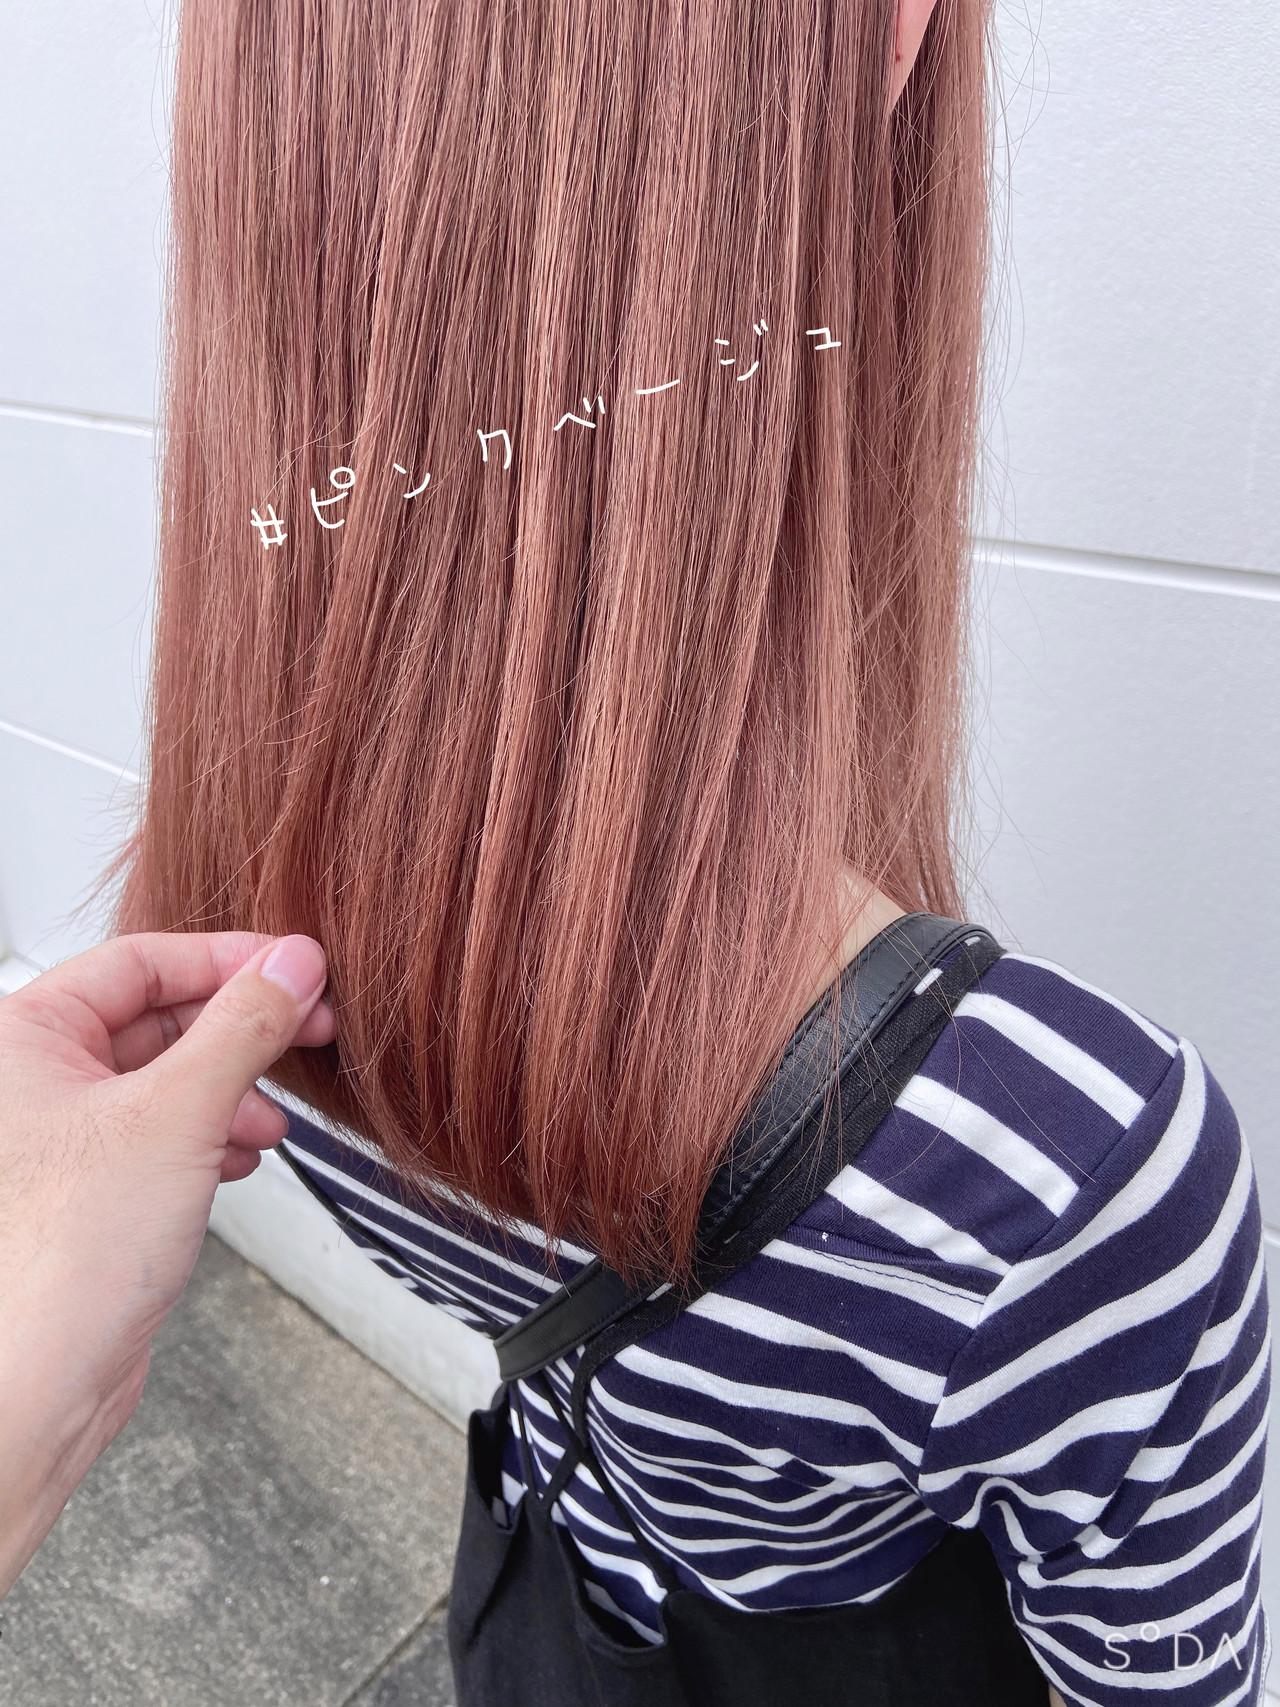 ガーリー ベリーピンク ピンクベージュ ラベンダーピンクヘアスタイルや髪型の写真・画像